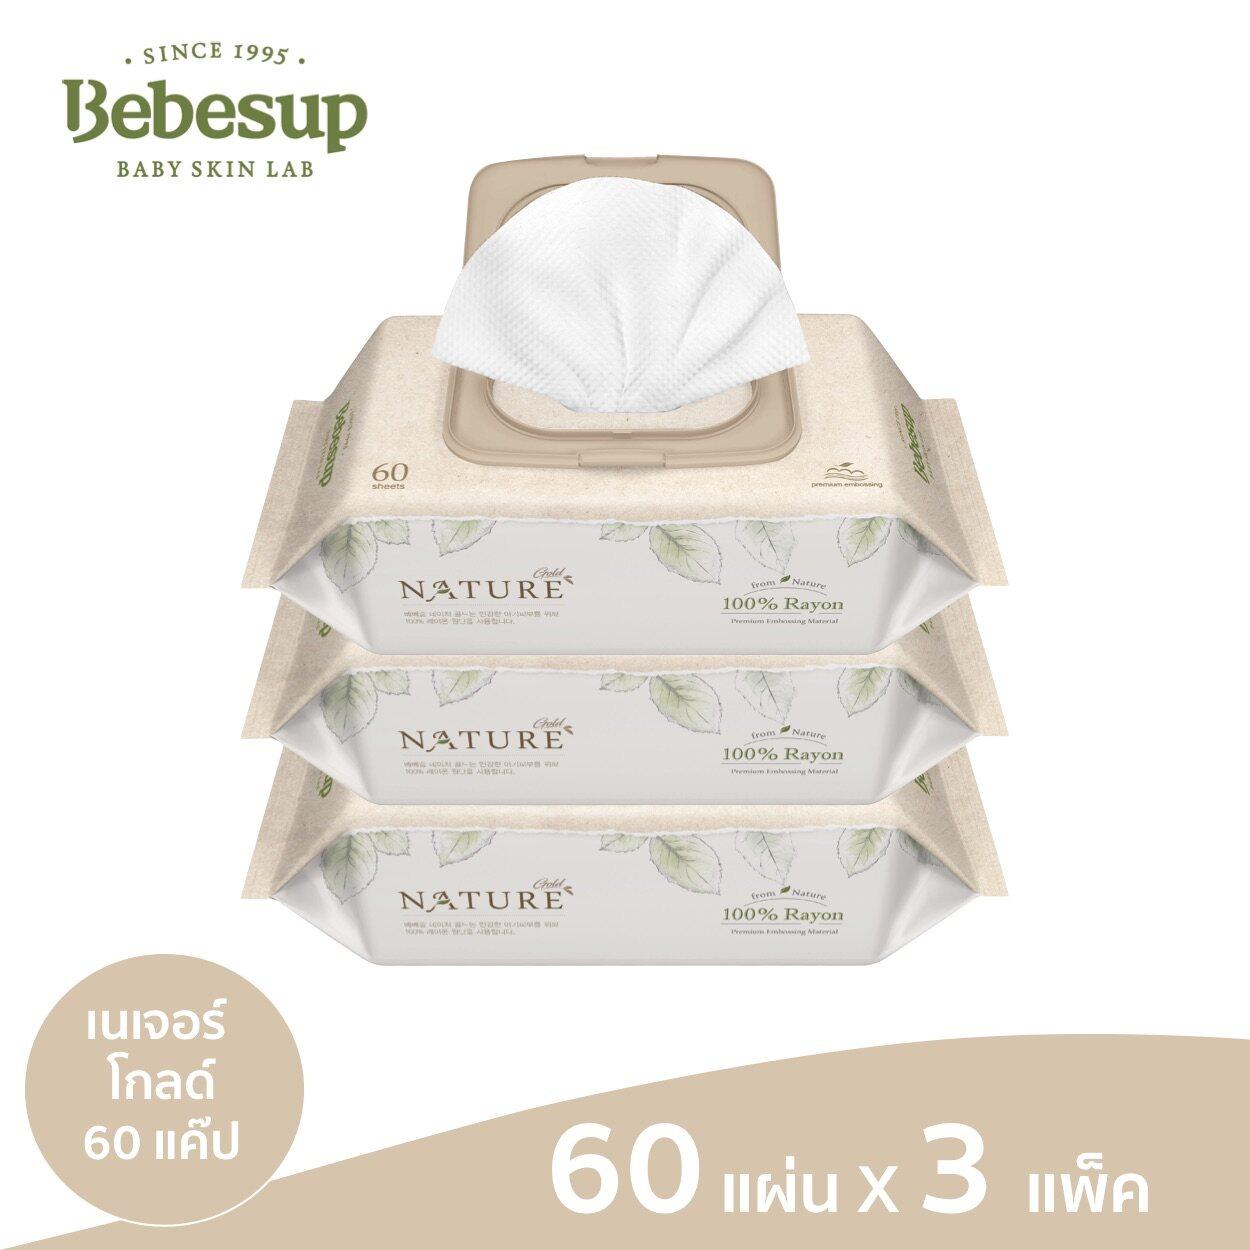 Bebesup ทิชชู่เปียกเช็ดทำความสะอาดผิวเด็ก (เนเจอร์ โกล์ด60) X 3 แพ็ค.